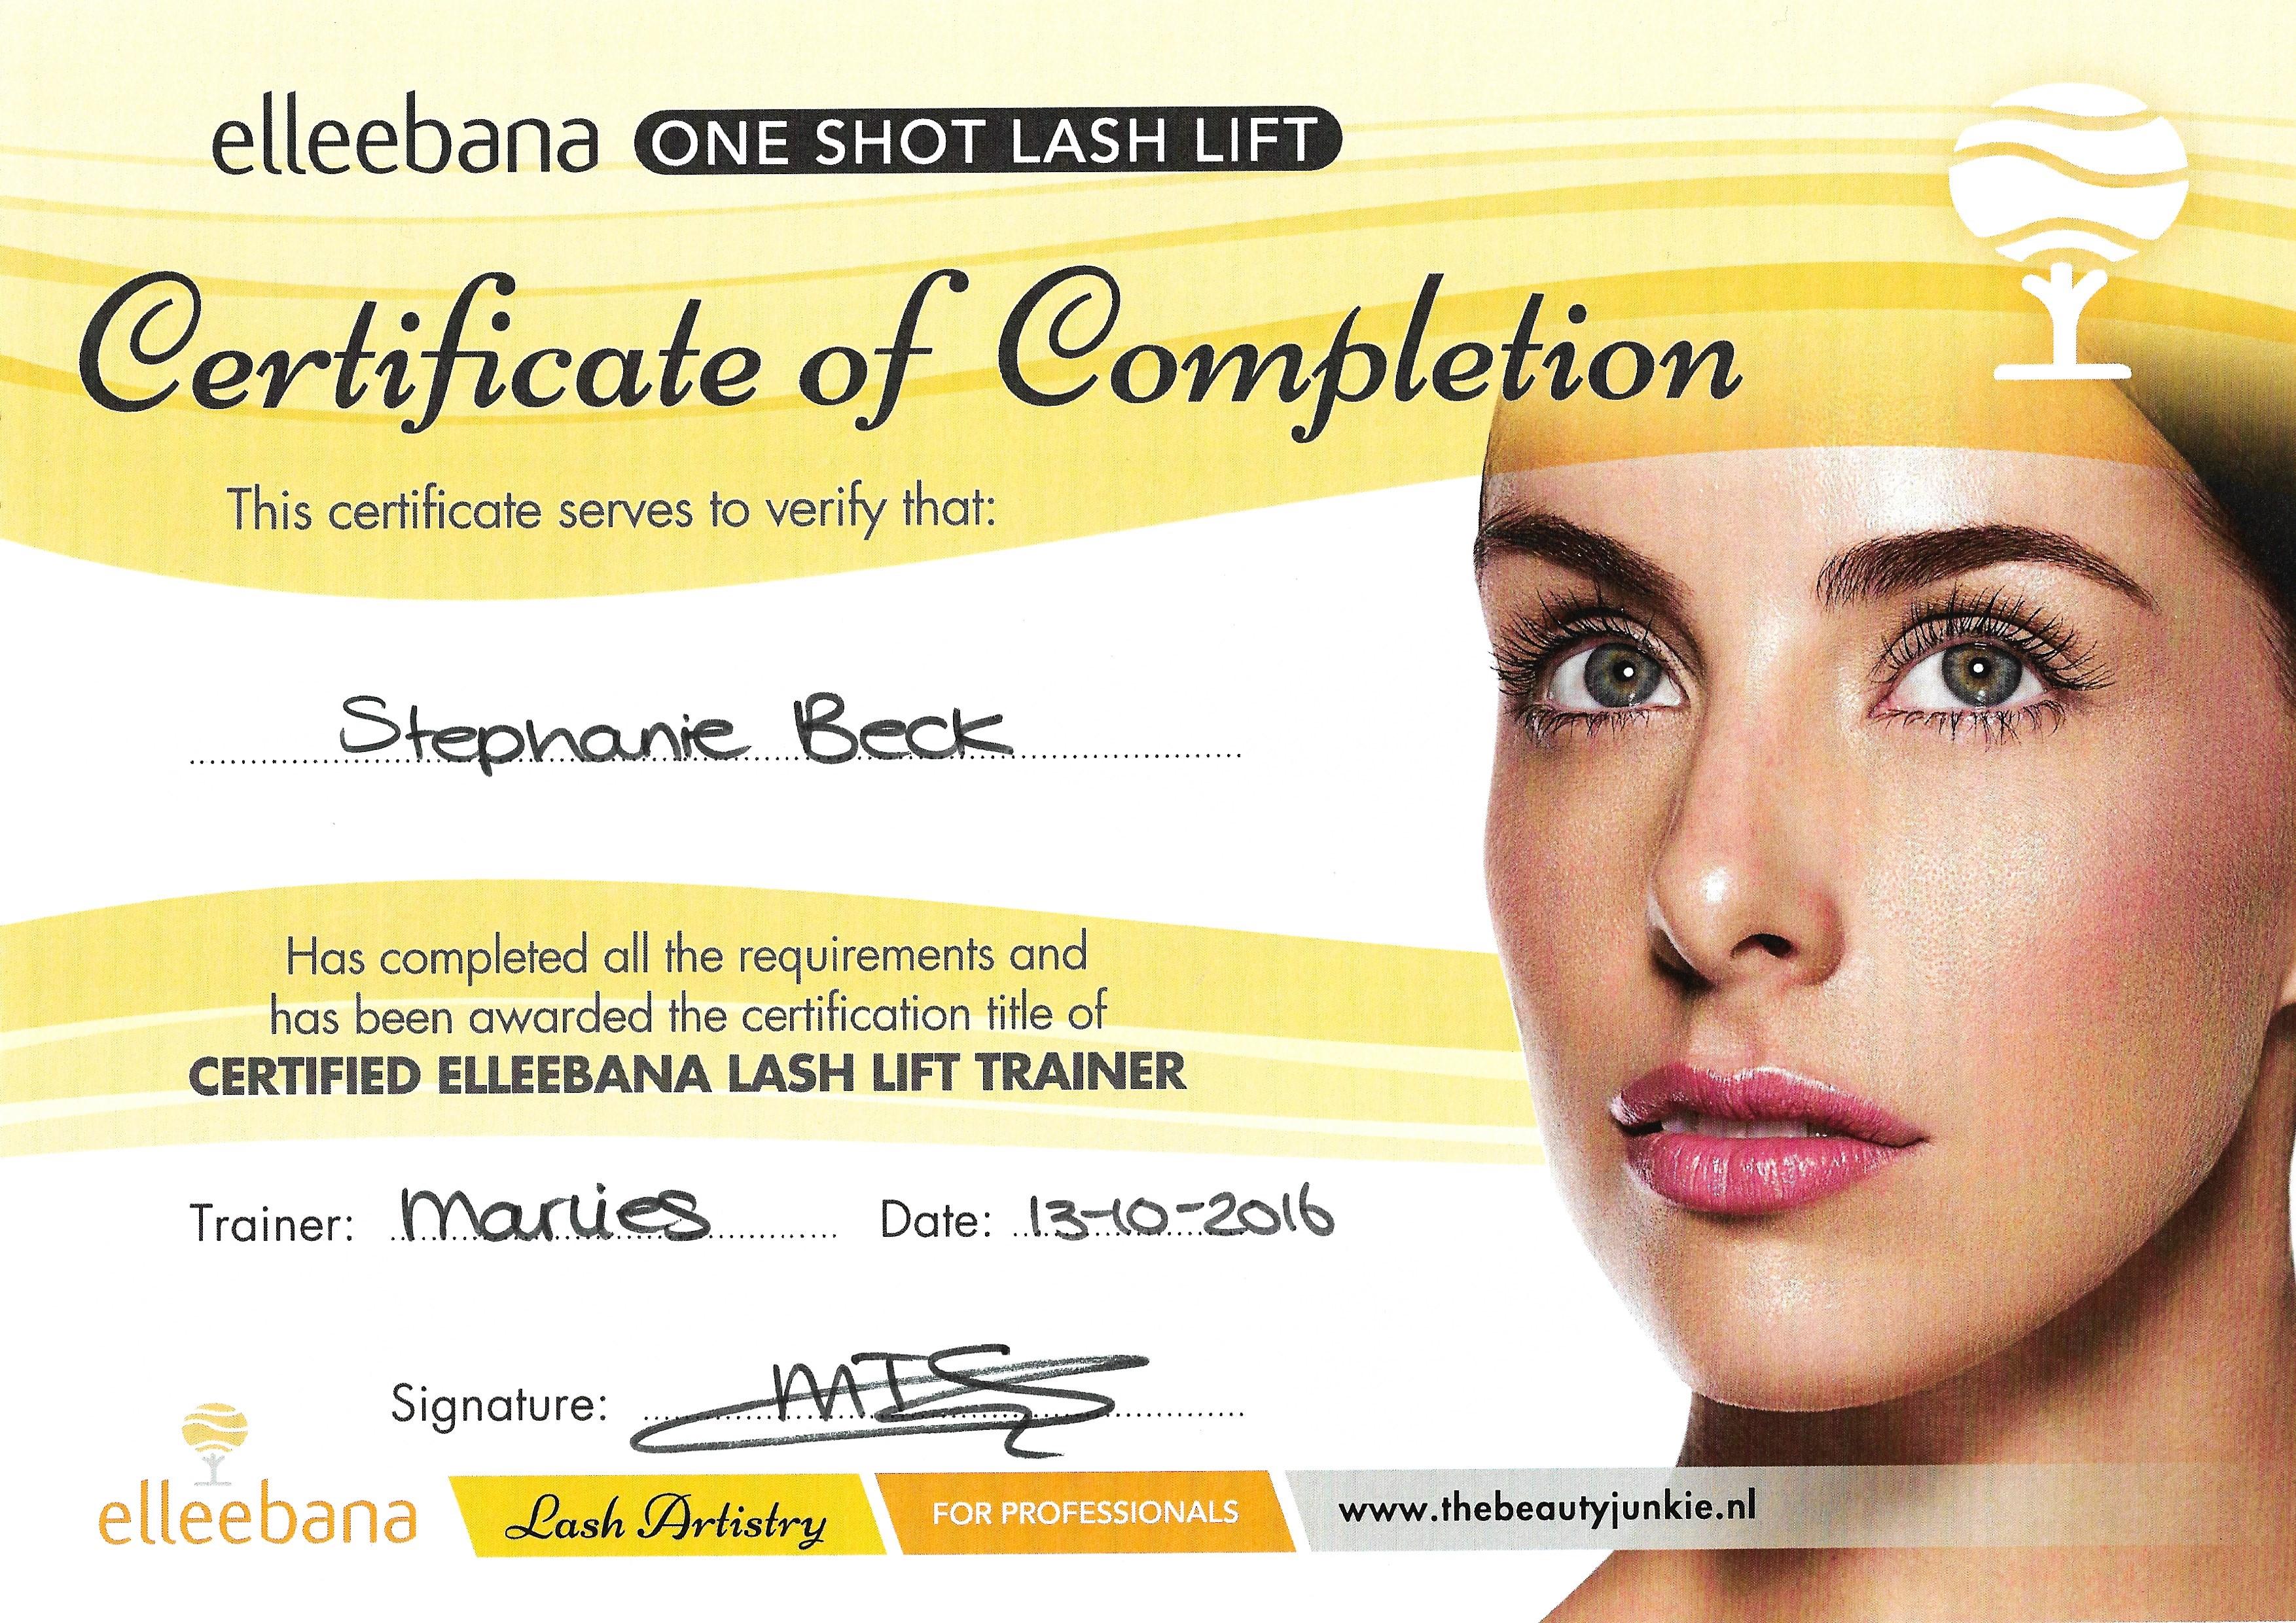 Certificaat Certified Elleebana Lash Lift Trainer